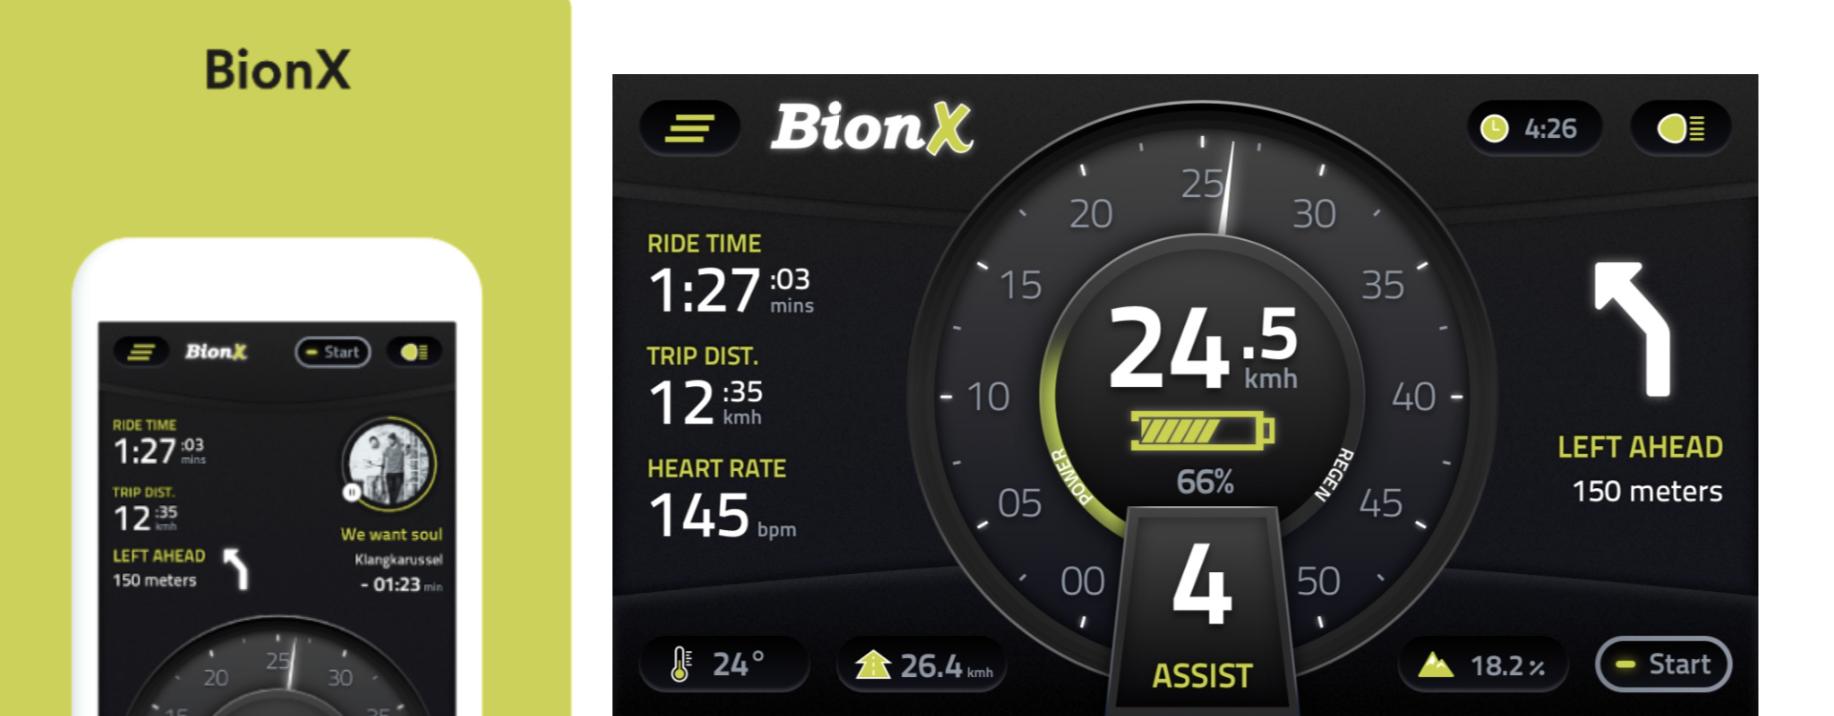 Bionx APP